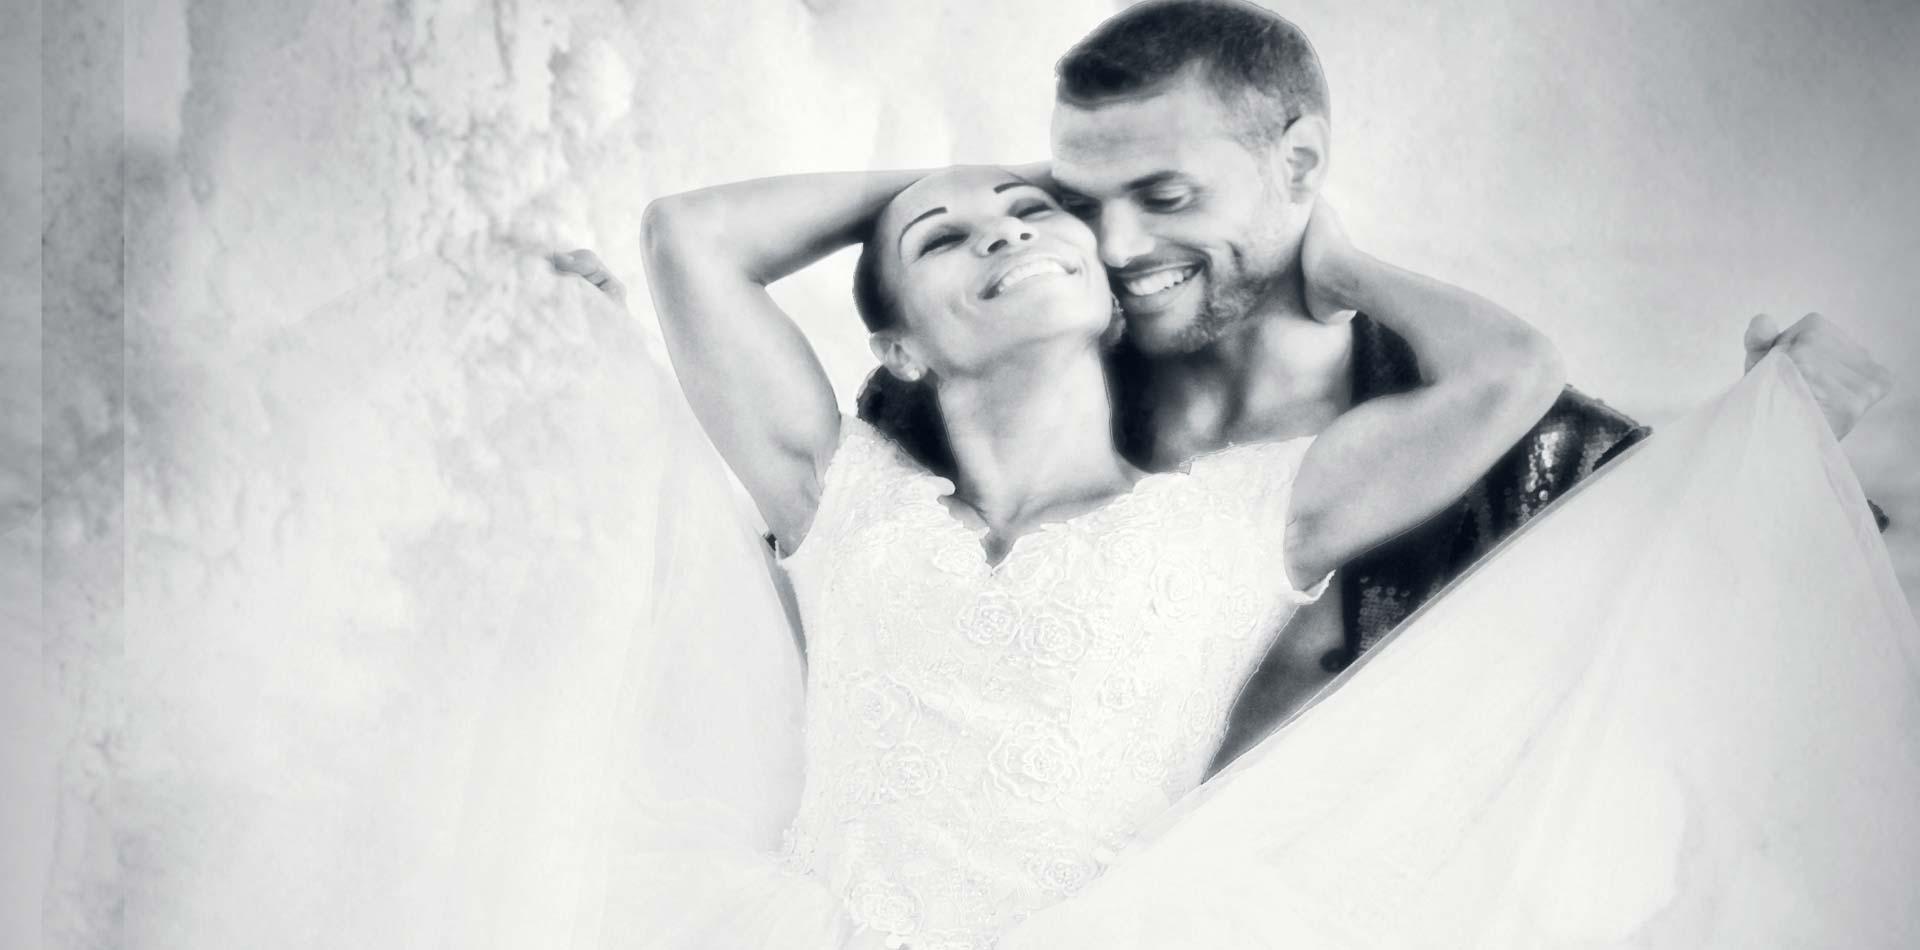 slider2_wedding